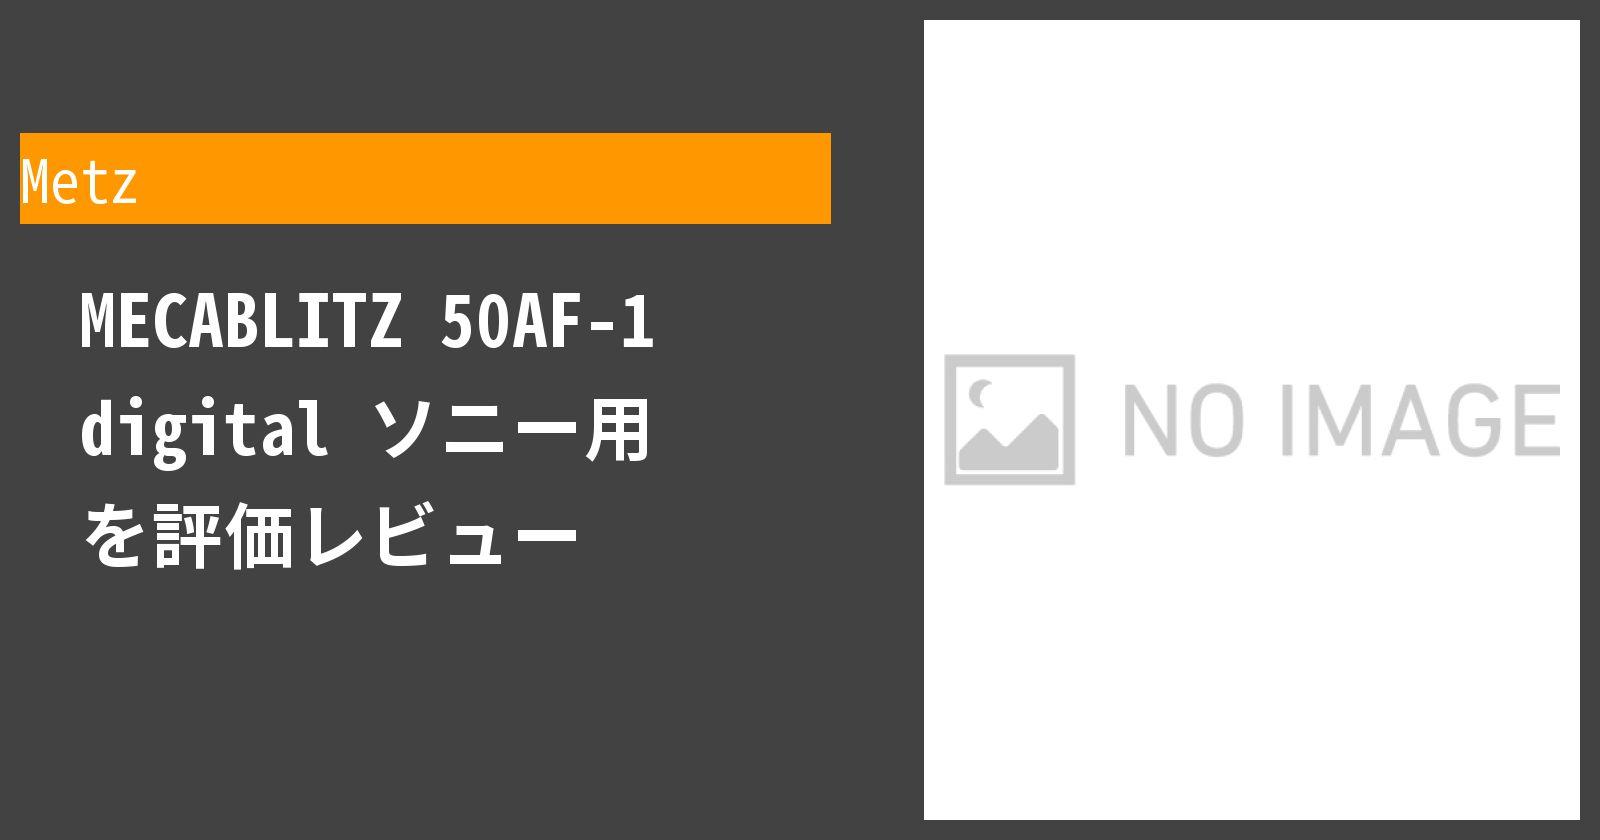 MECABLITZ 50AF-1 digital ソニー用を徹底評価